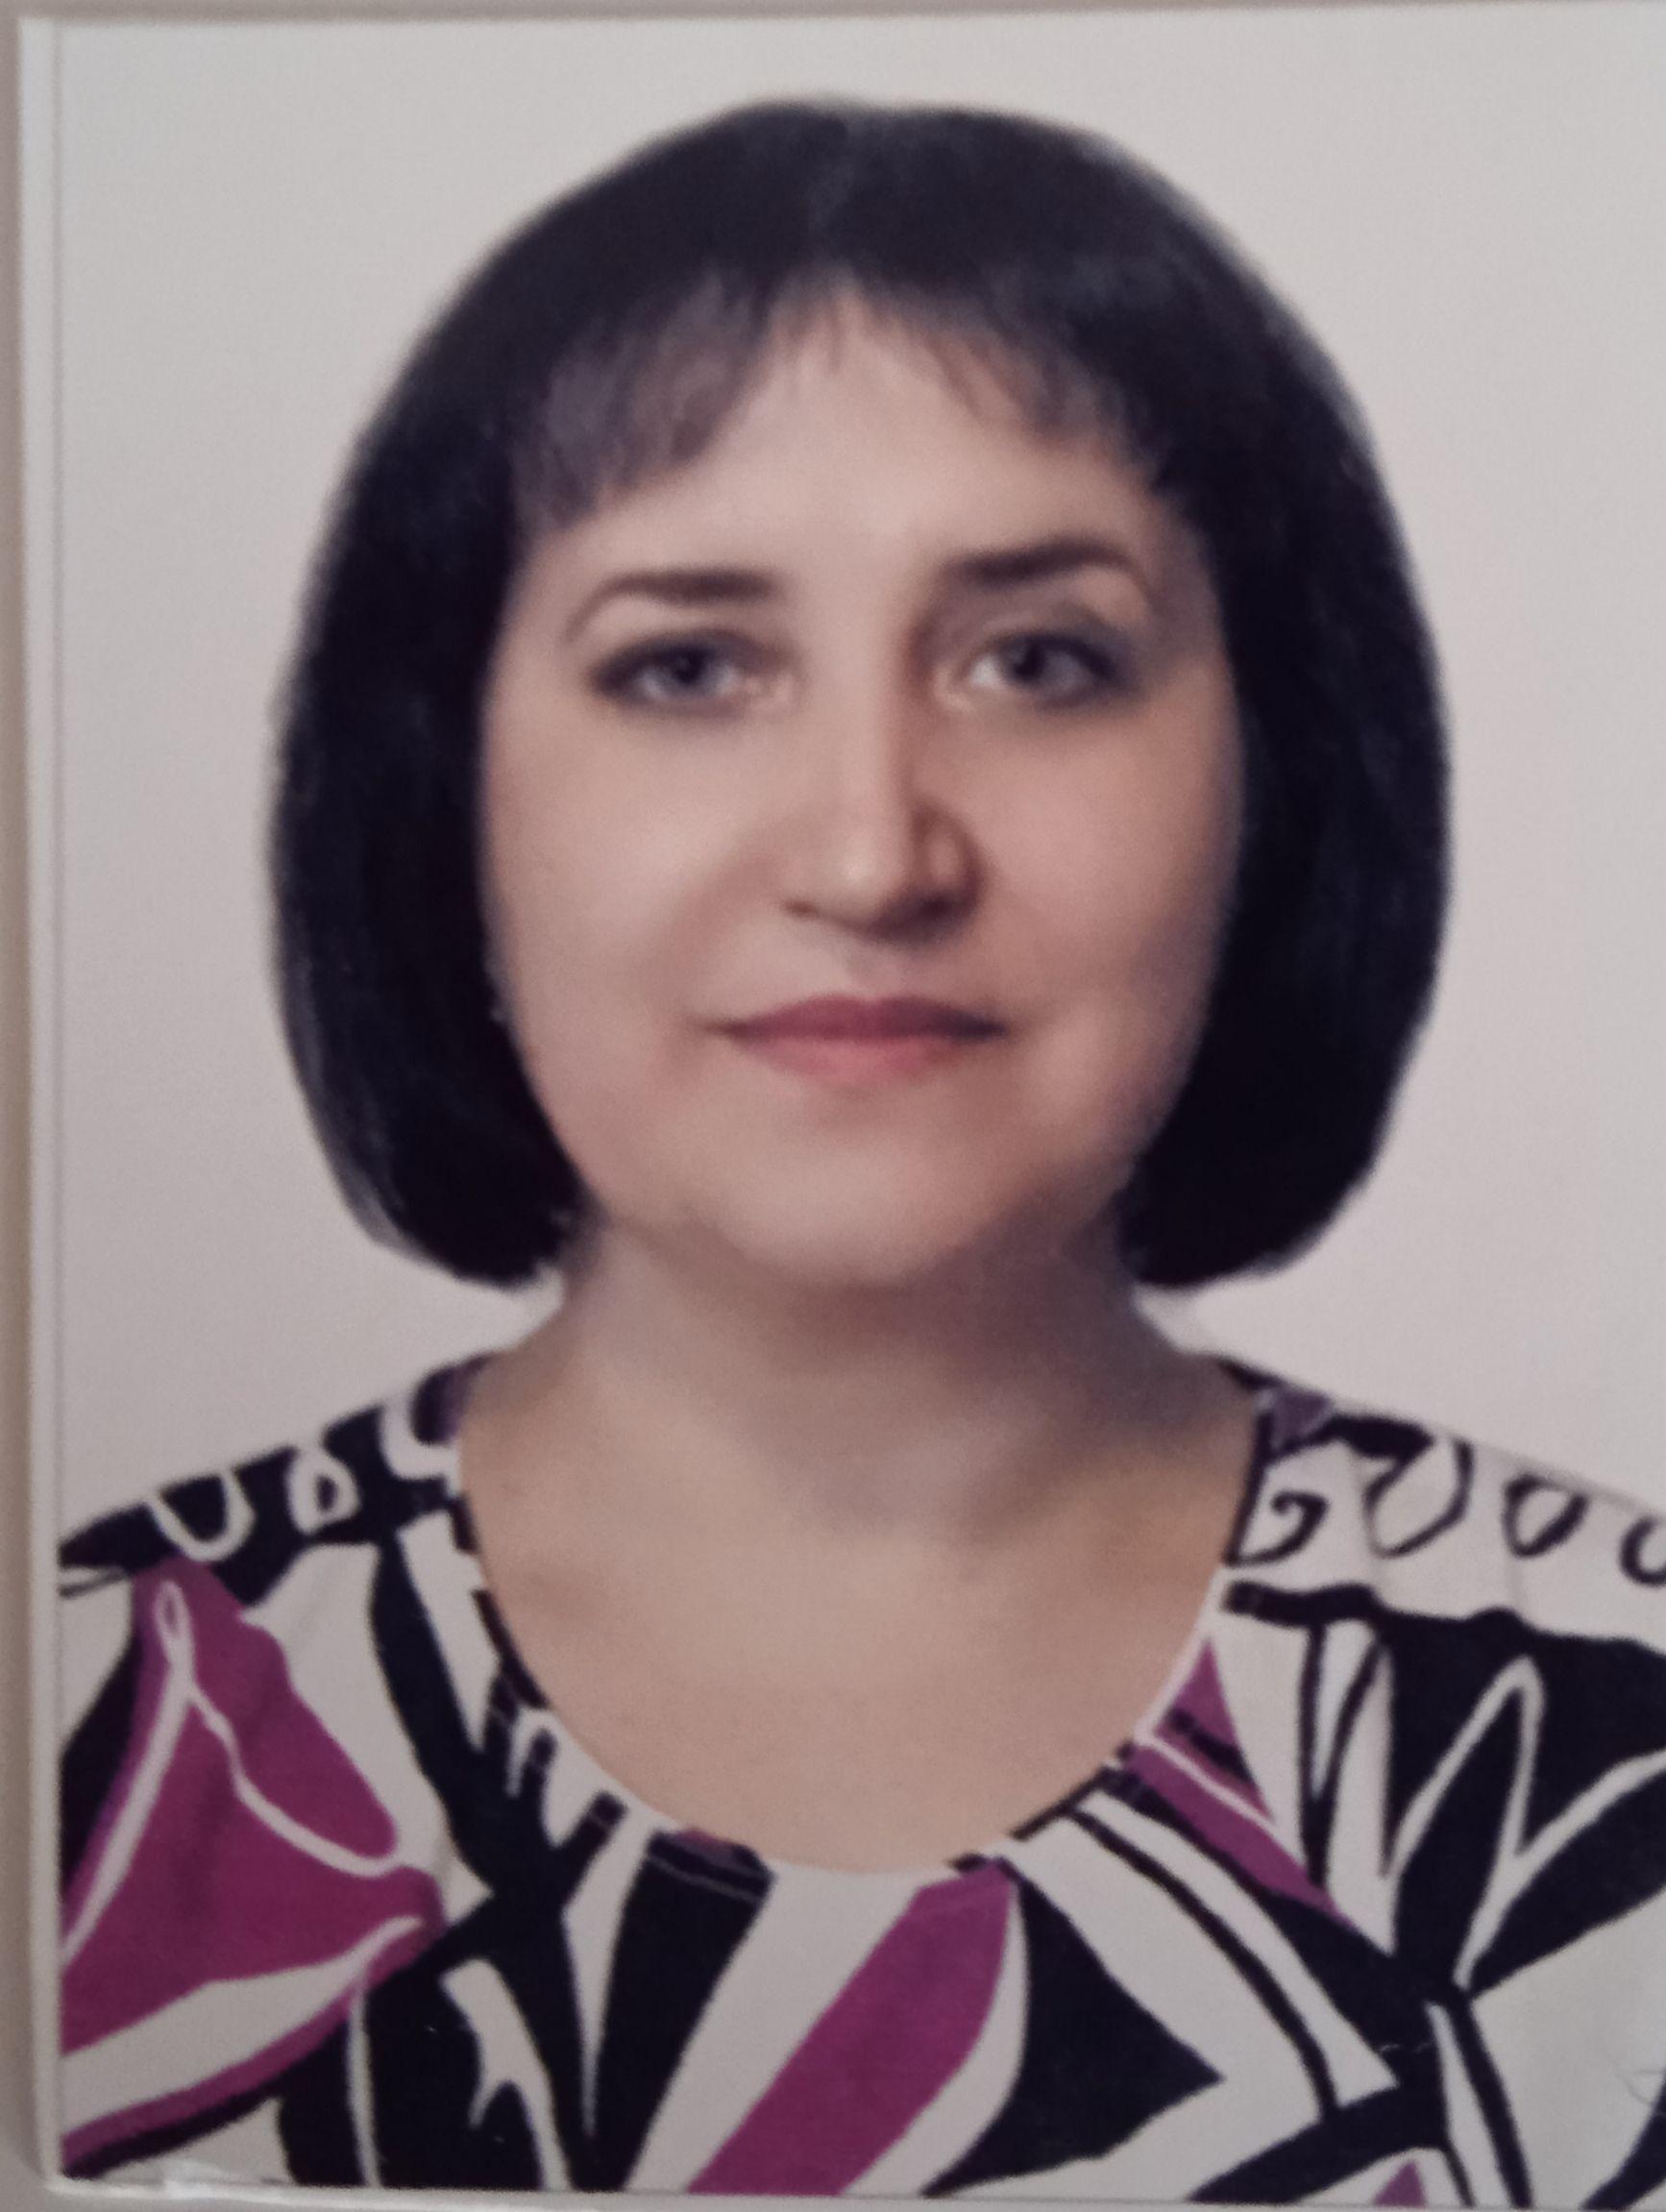 Тимошенко Євдокія Олександрівана.Викладач хореографії